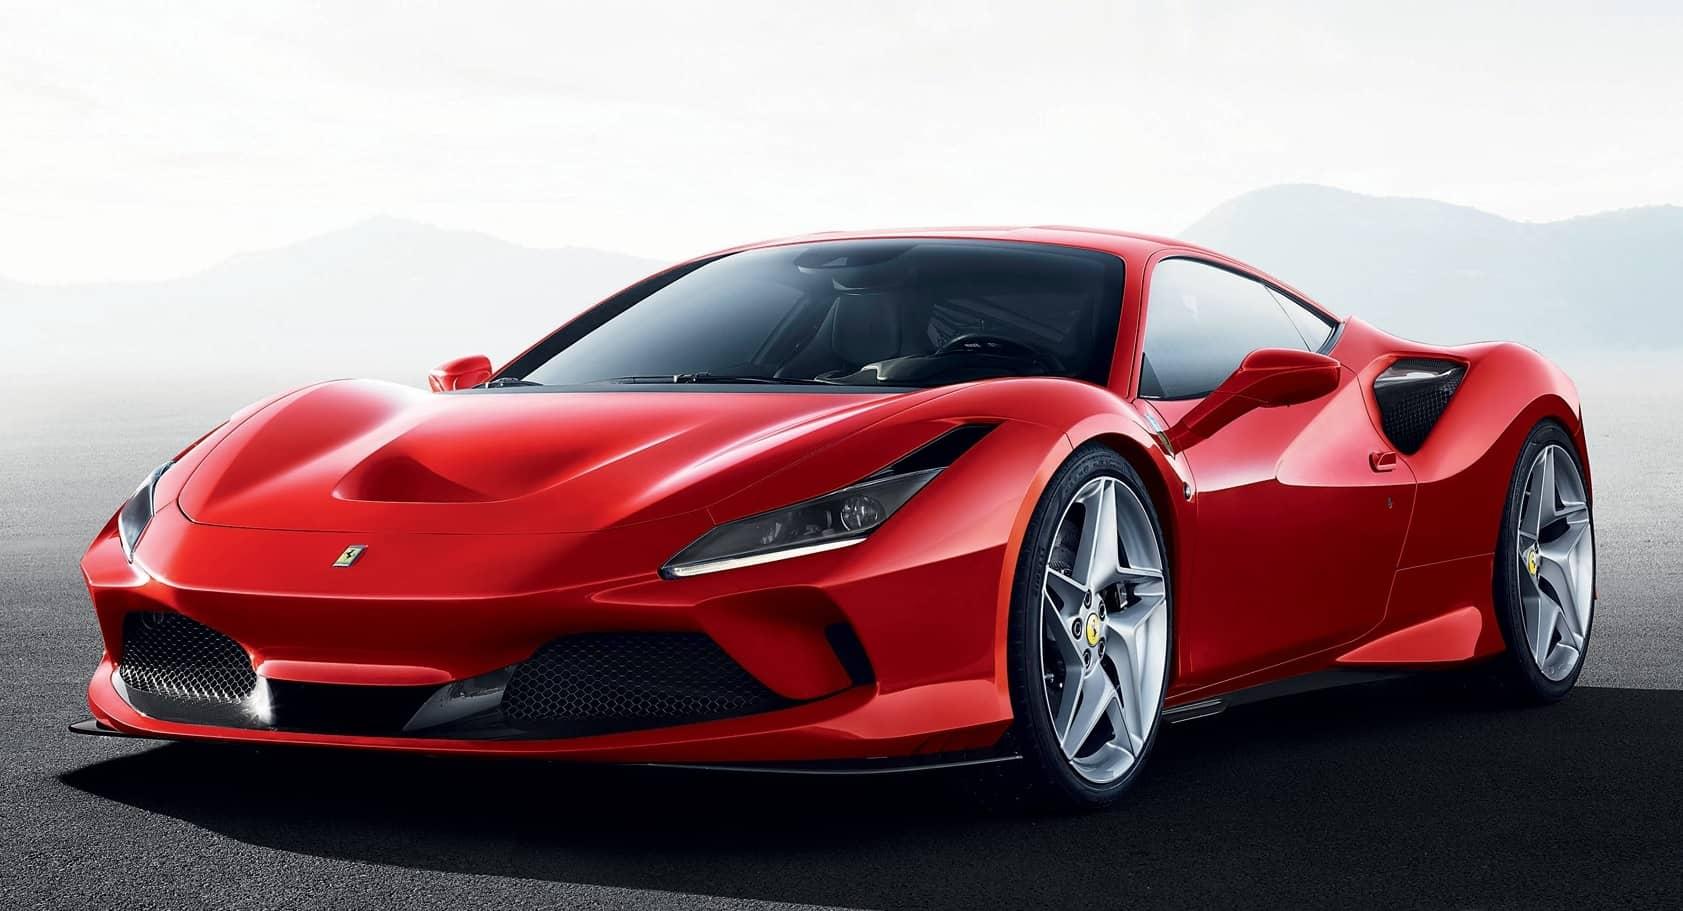 Ferrari F8 Tributo - La Tradicion Continua